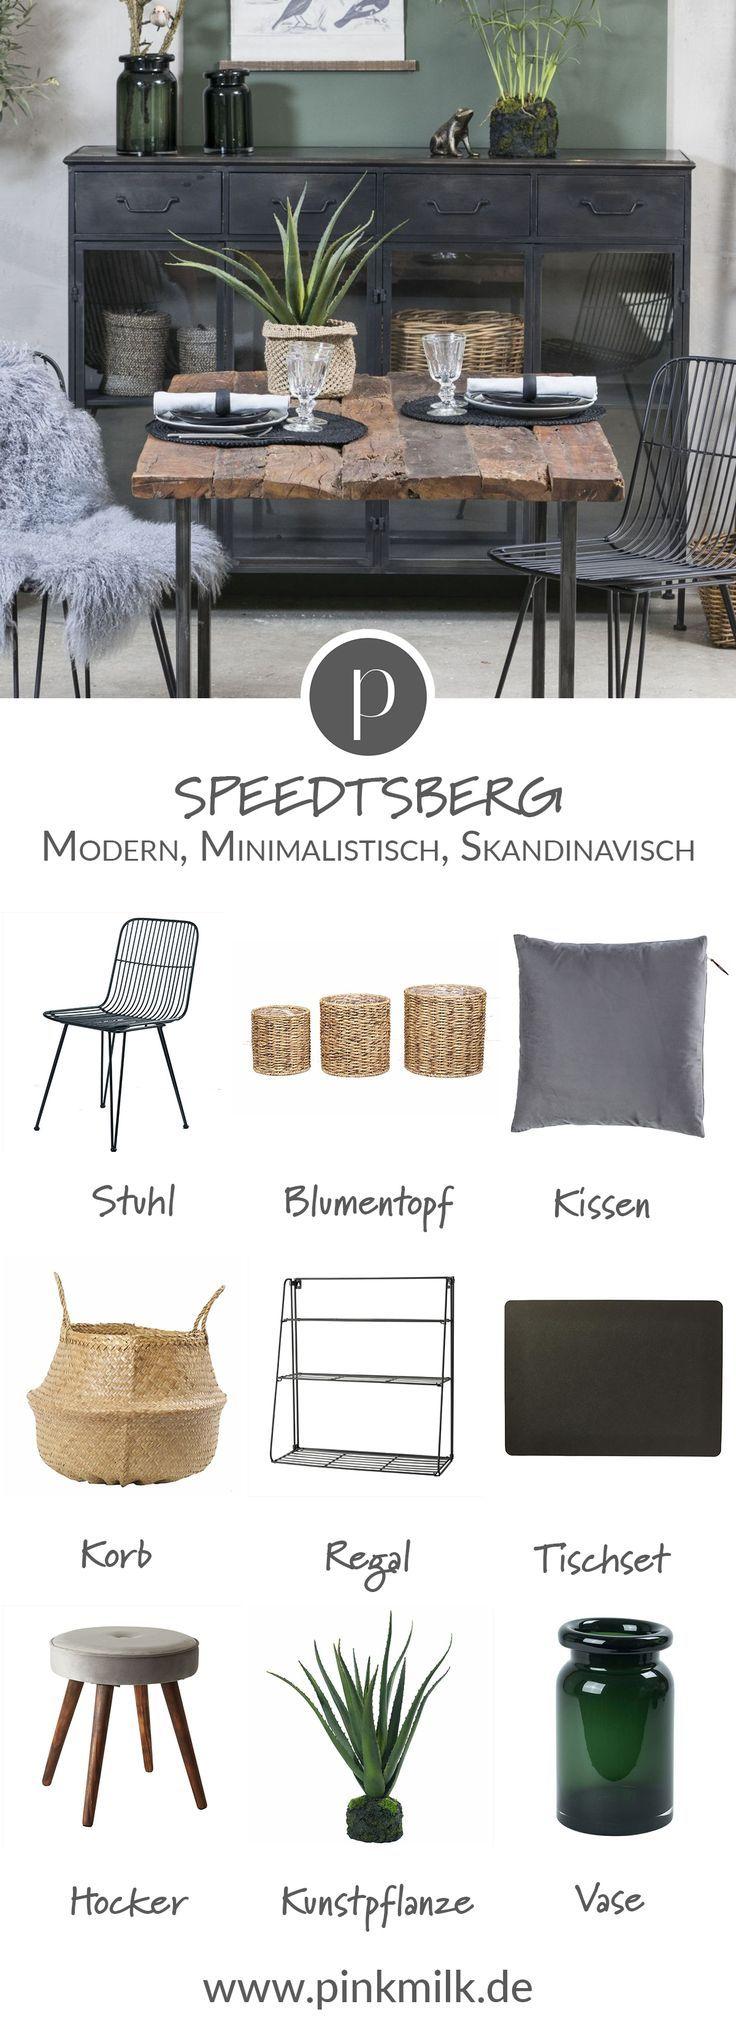 Die dänische Marke Speedtsberg bietet einen modernen Wohnstil in Ihrem Zuhause.